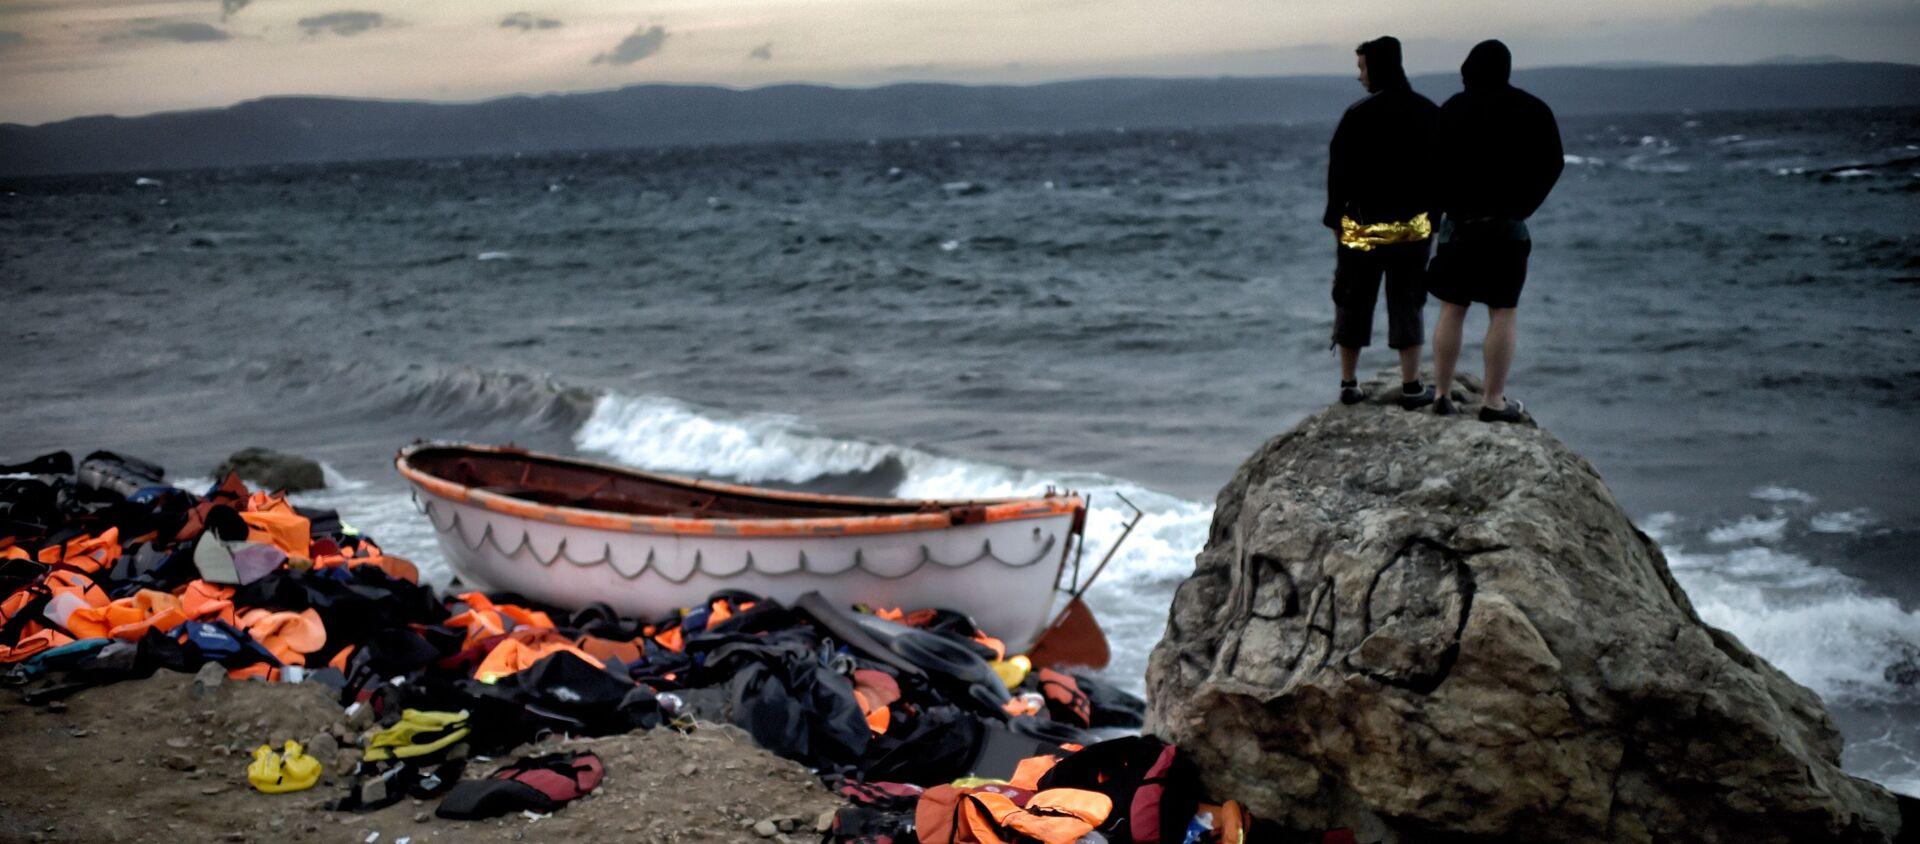 Беженцы на берегу моря на острове Лесбос в Греции - Sputnik France, 1920, 30.10.2020